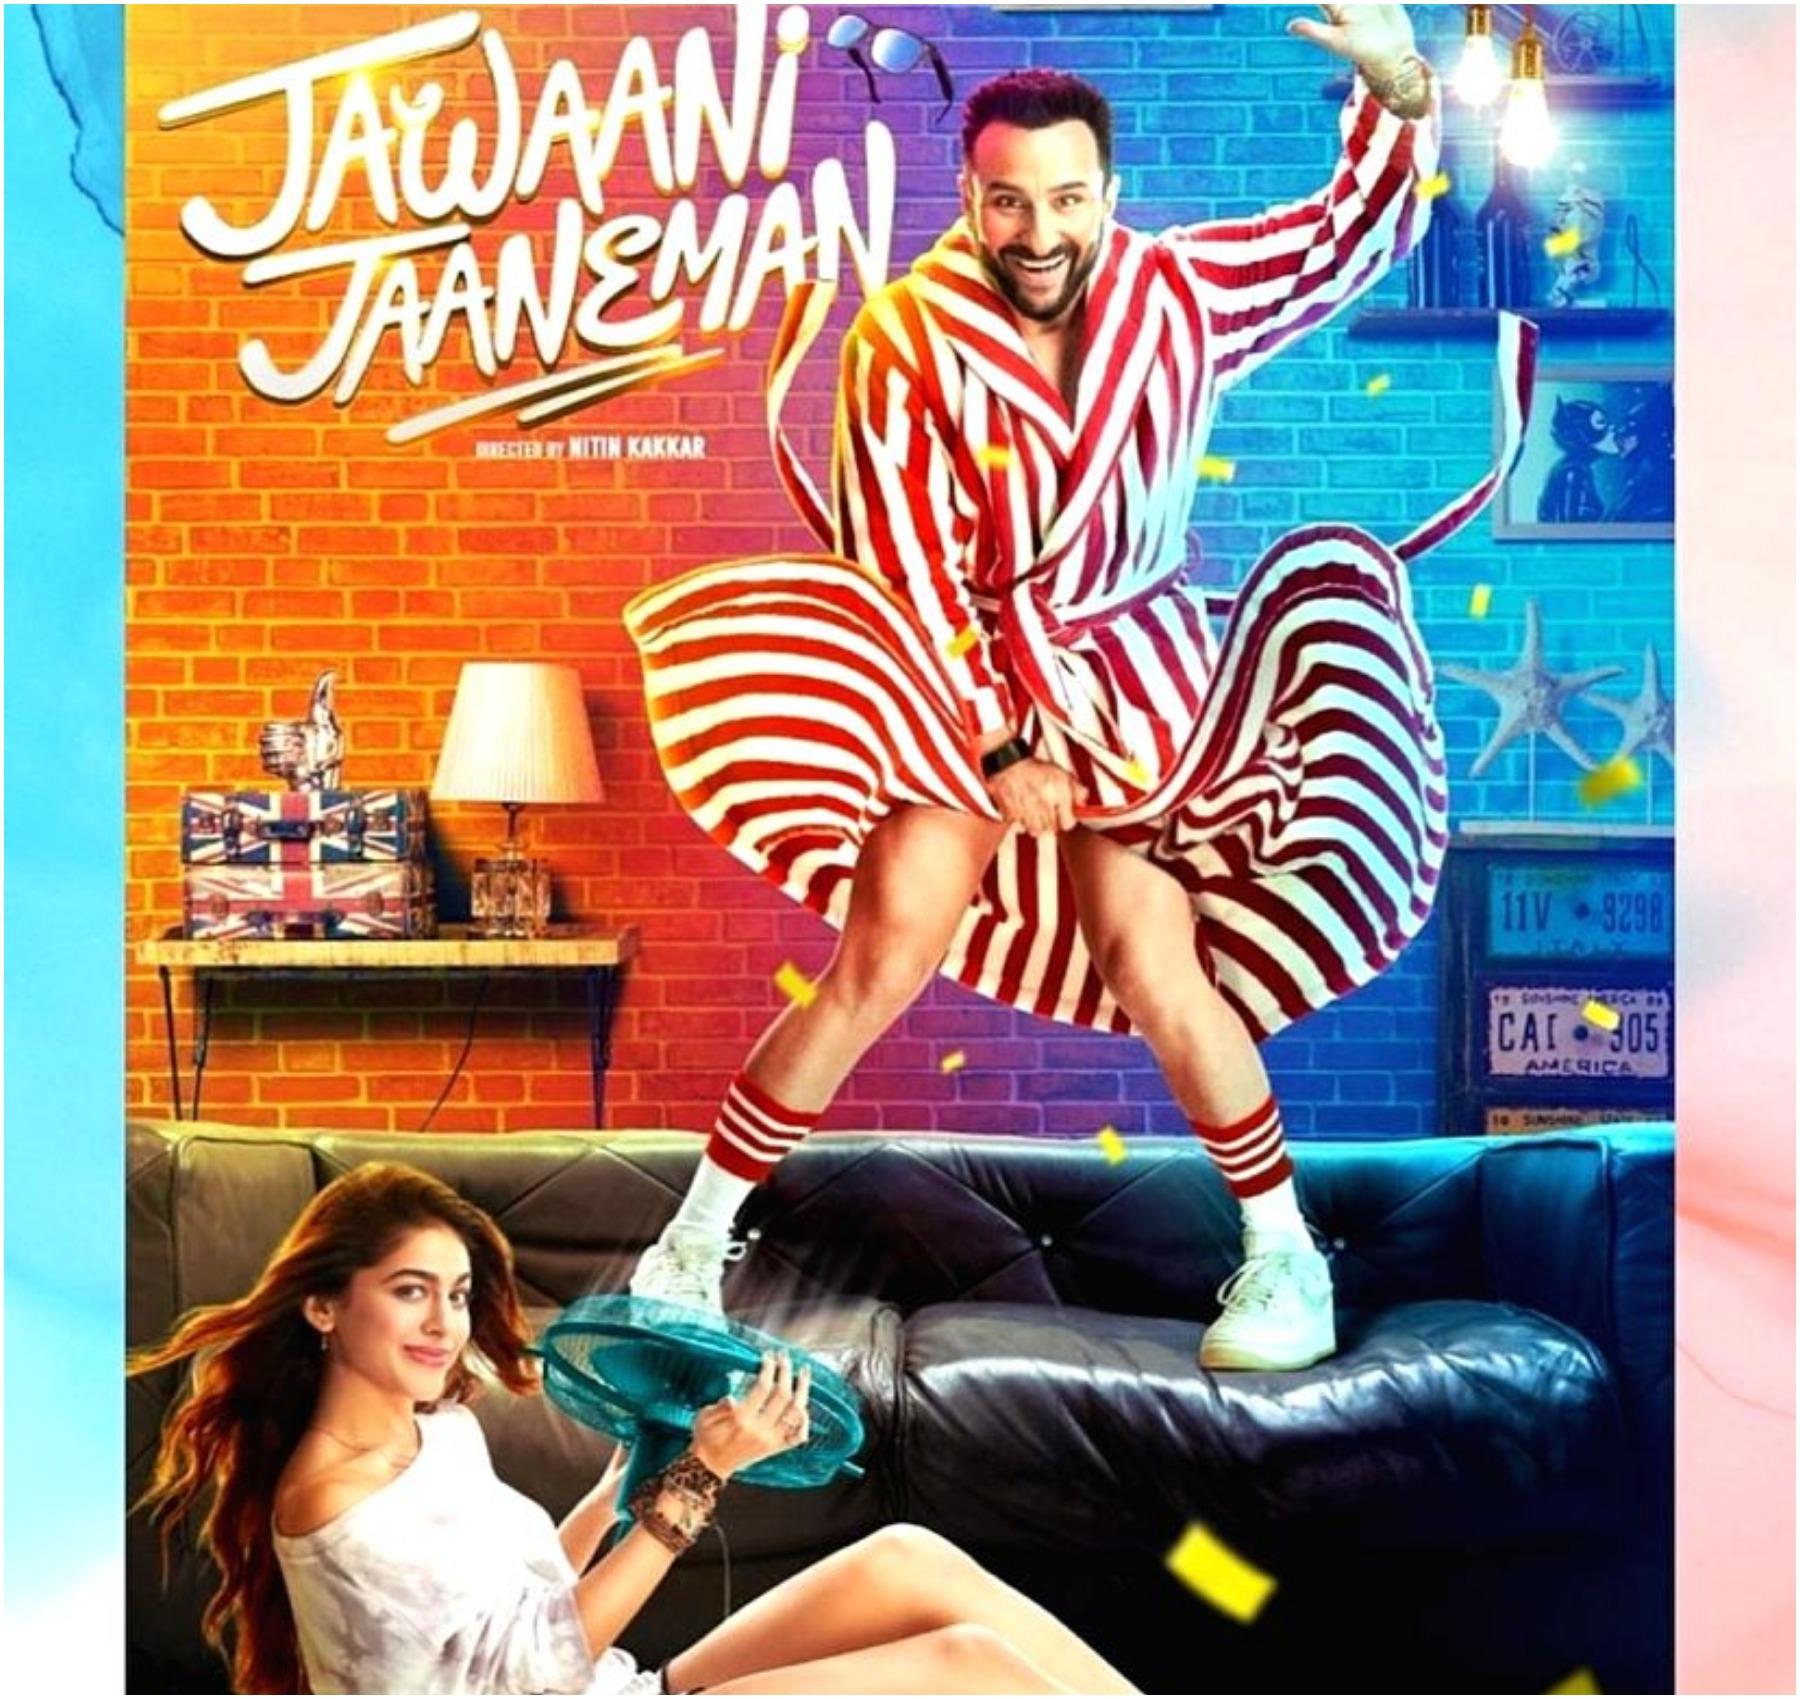 Jawaani Jaaneman Trailer: फिल्म ट्रेलर हुआ रिलीज, सैफ के इस अंदाज को देख फैंस हो जाएंगे पागल